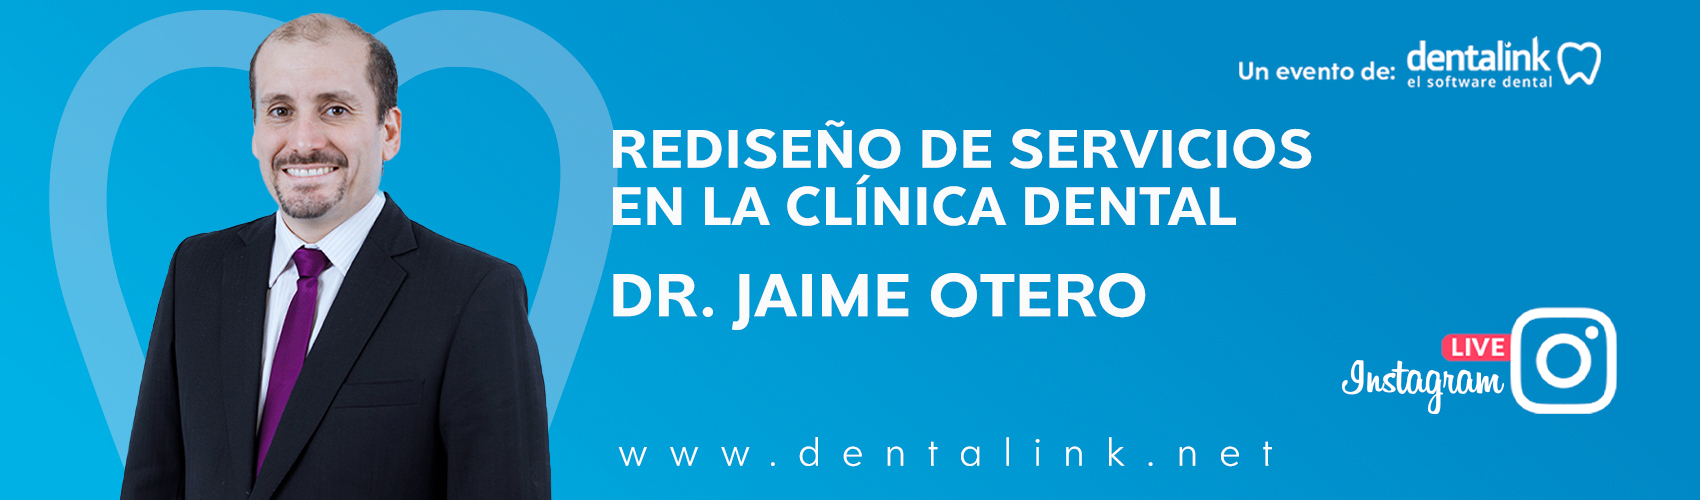 Instagram Live: Rediseño de Servicios en la Clínica Dental